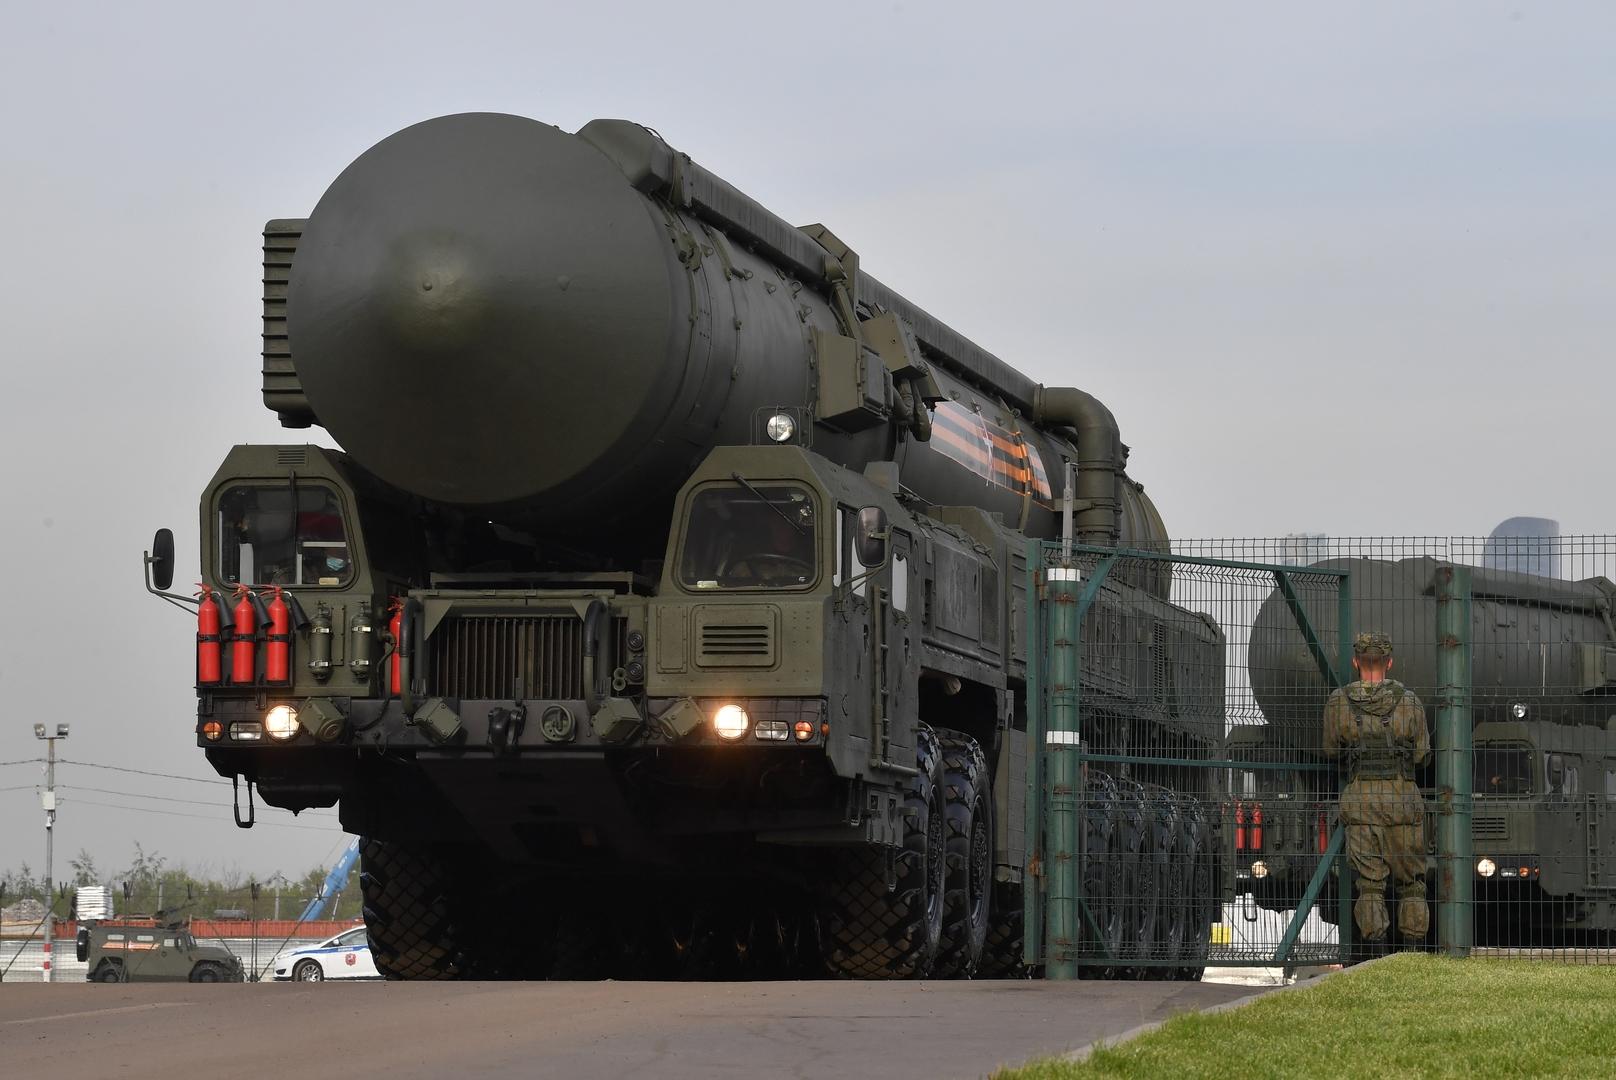 تقرير: ارتفاع عدد قطع السلاح النووي المنتشرة في القوات العملياتية عالميا